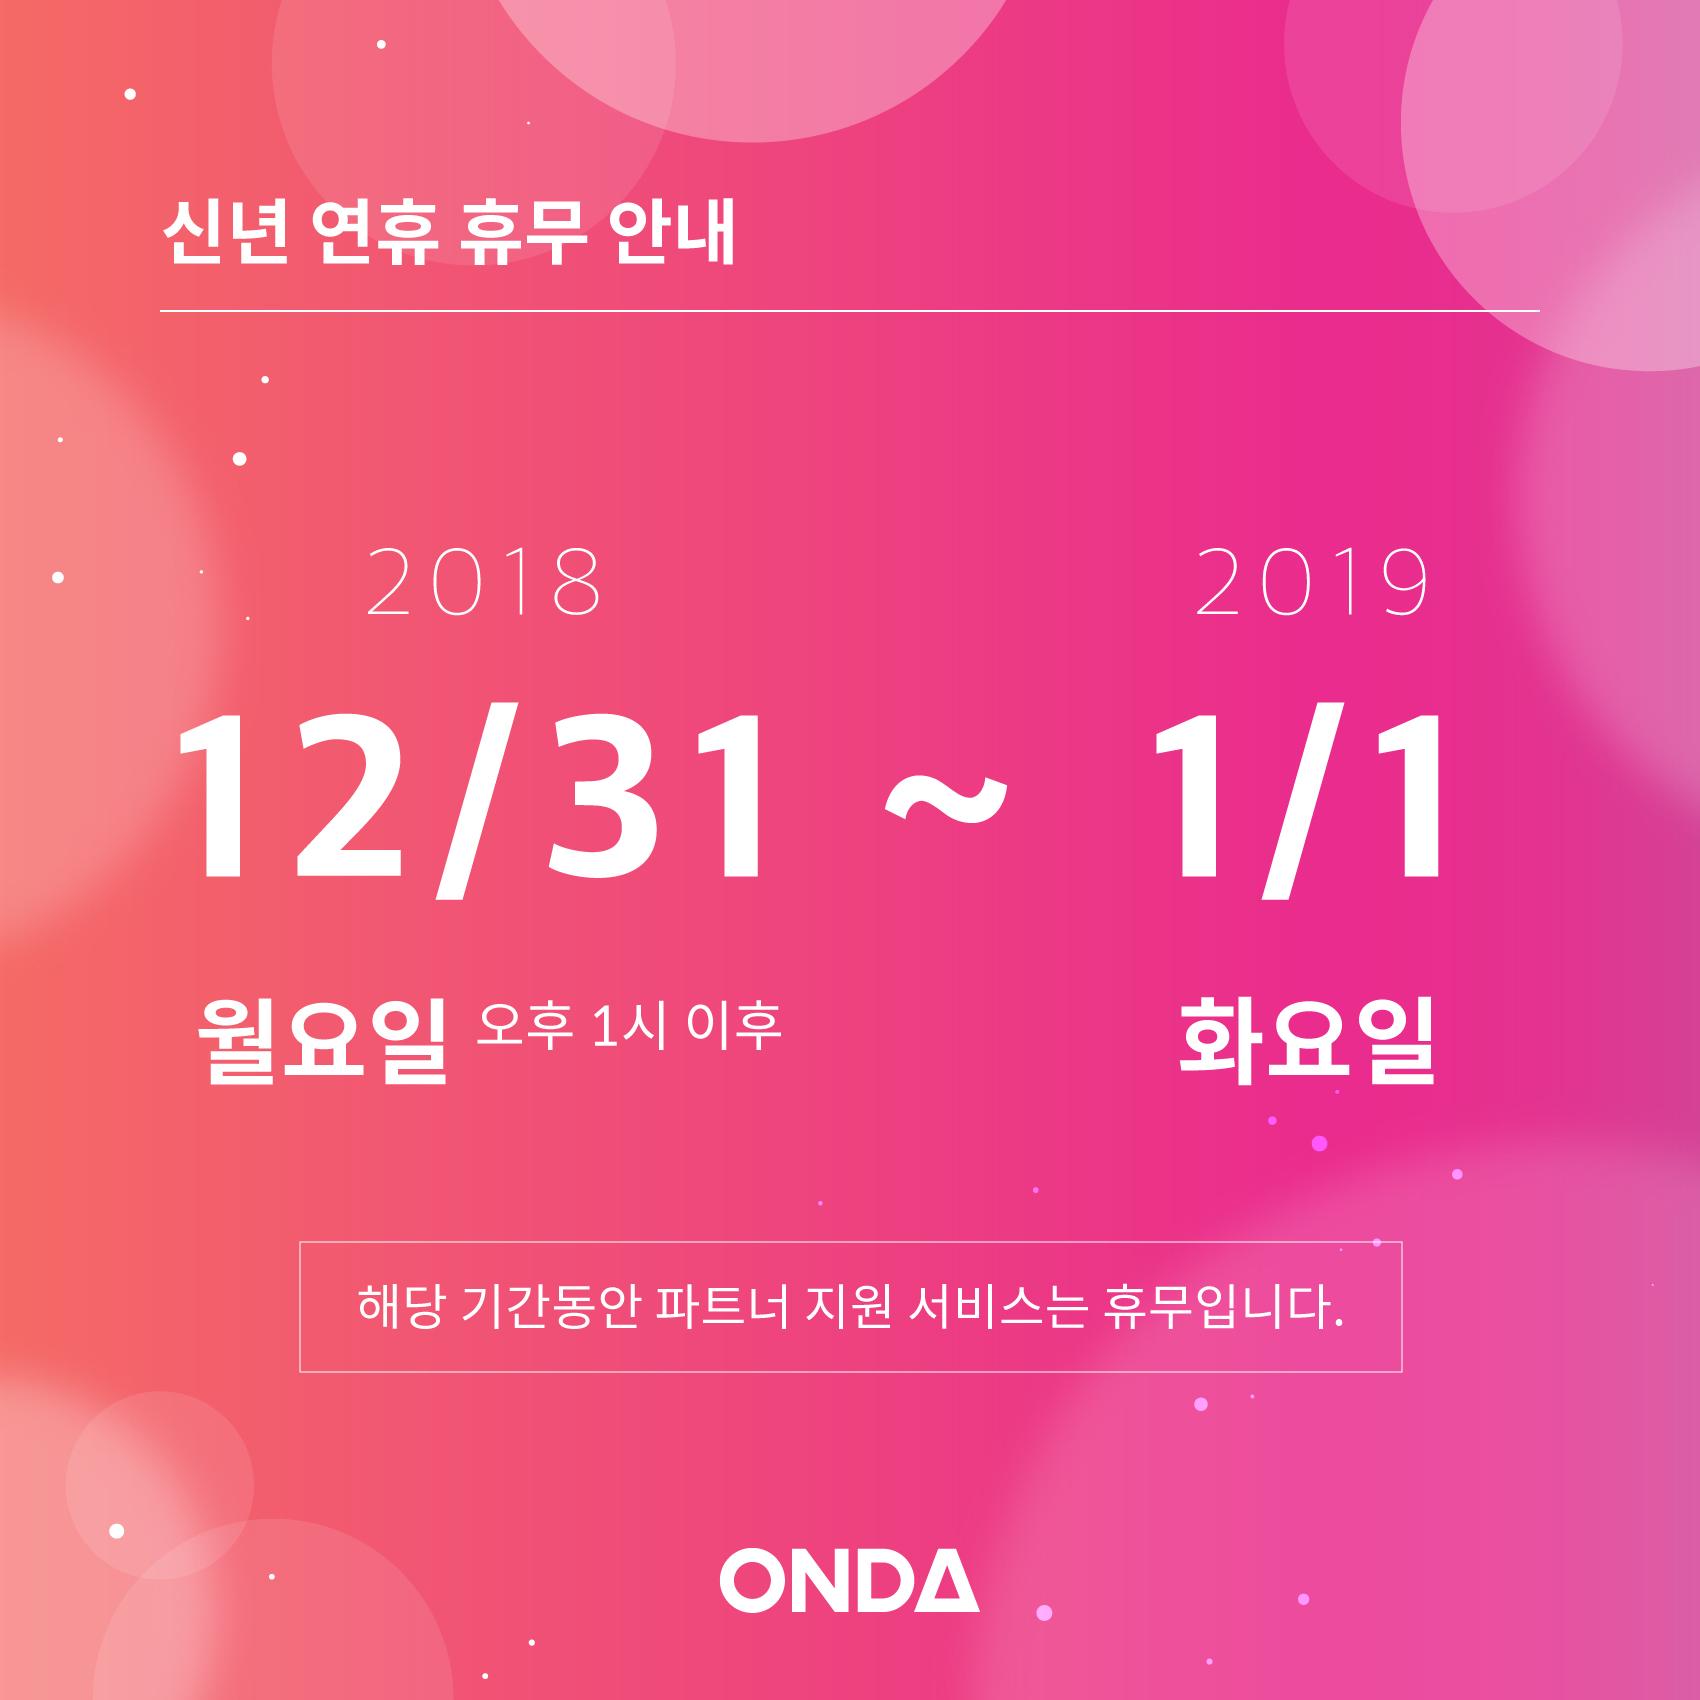 2019 새해맞이 배너_휴무 안내.jpg